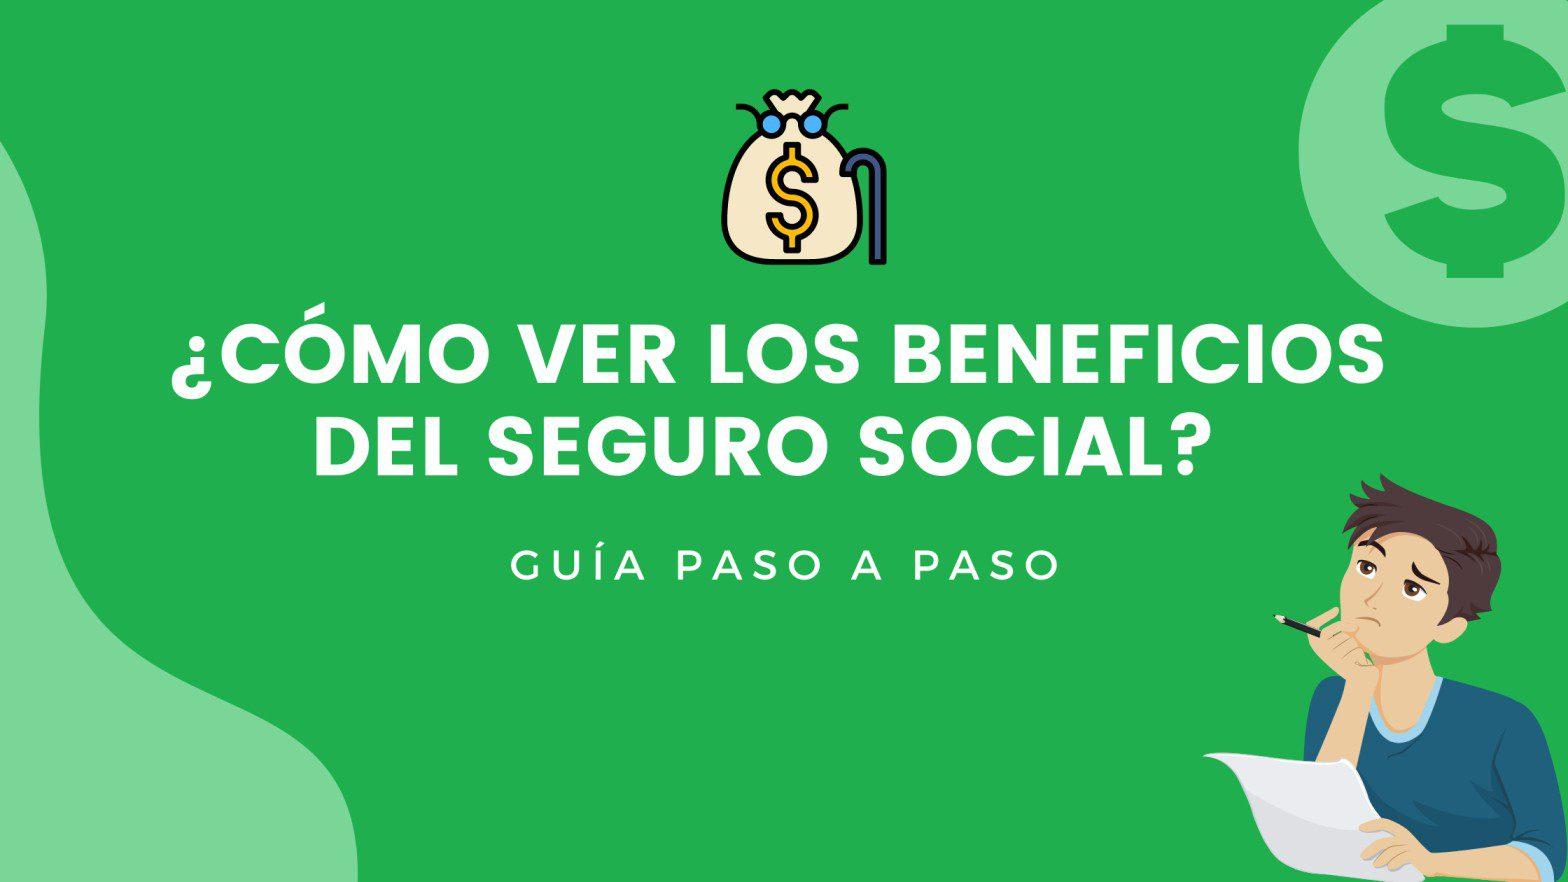 ¿Cómo ver los beneficios del seguro social?- SúperDinero